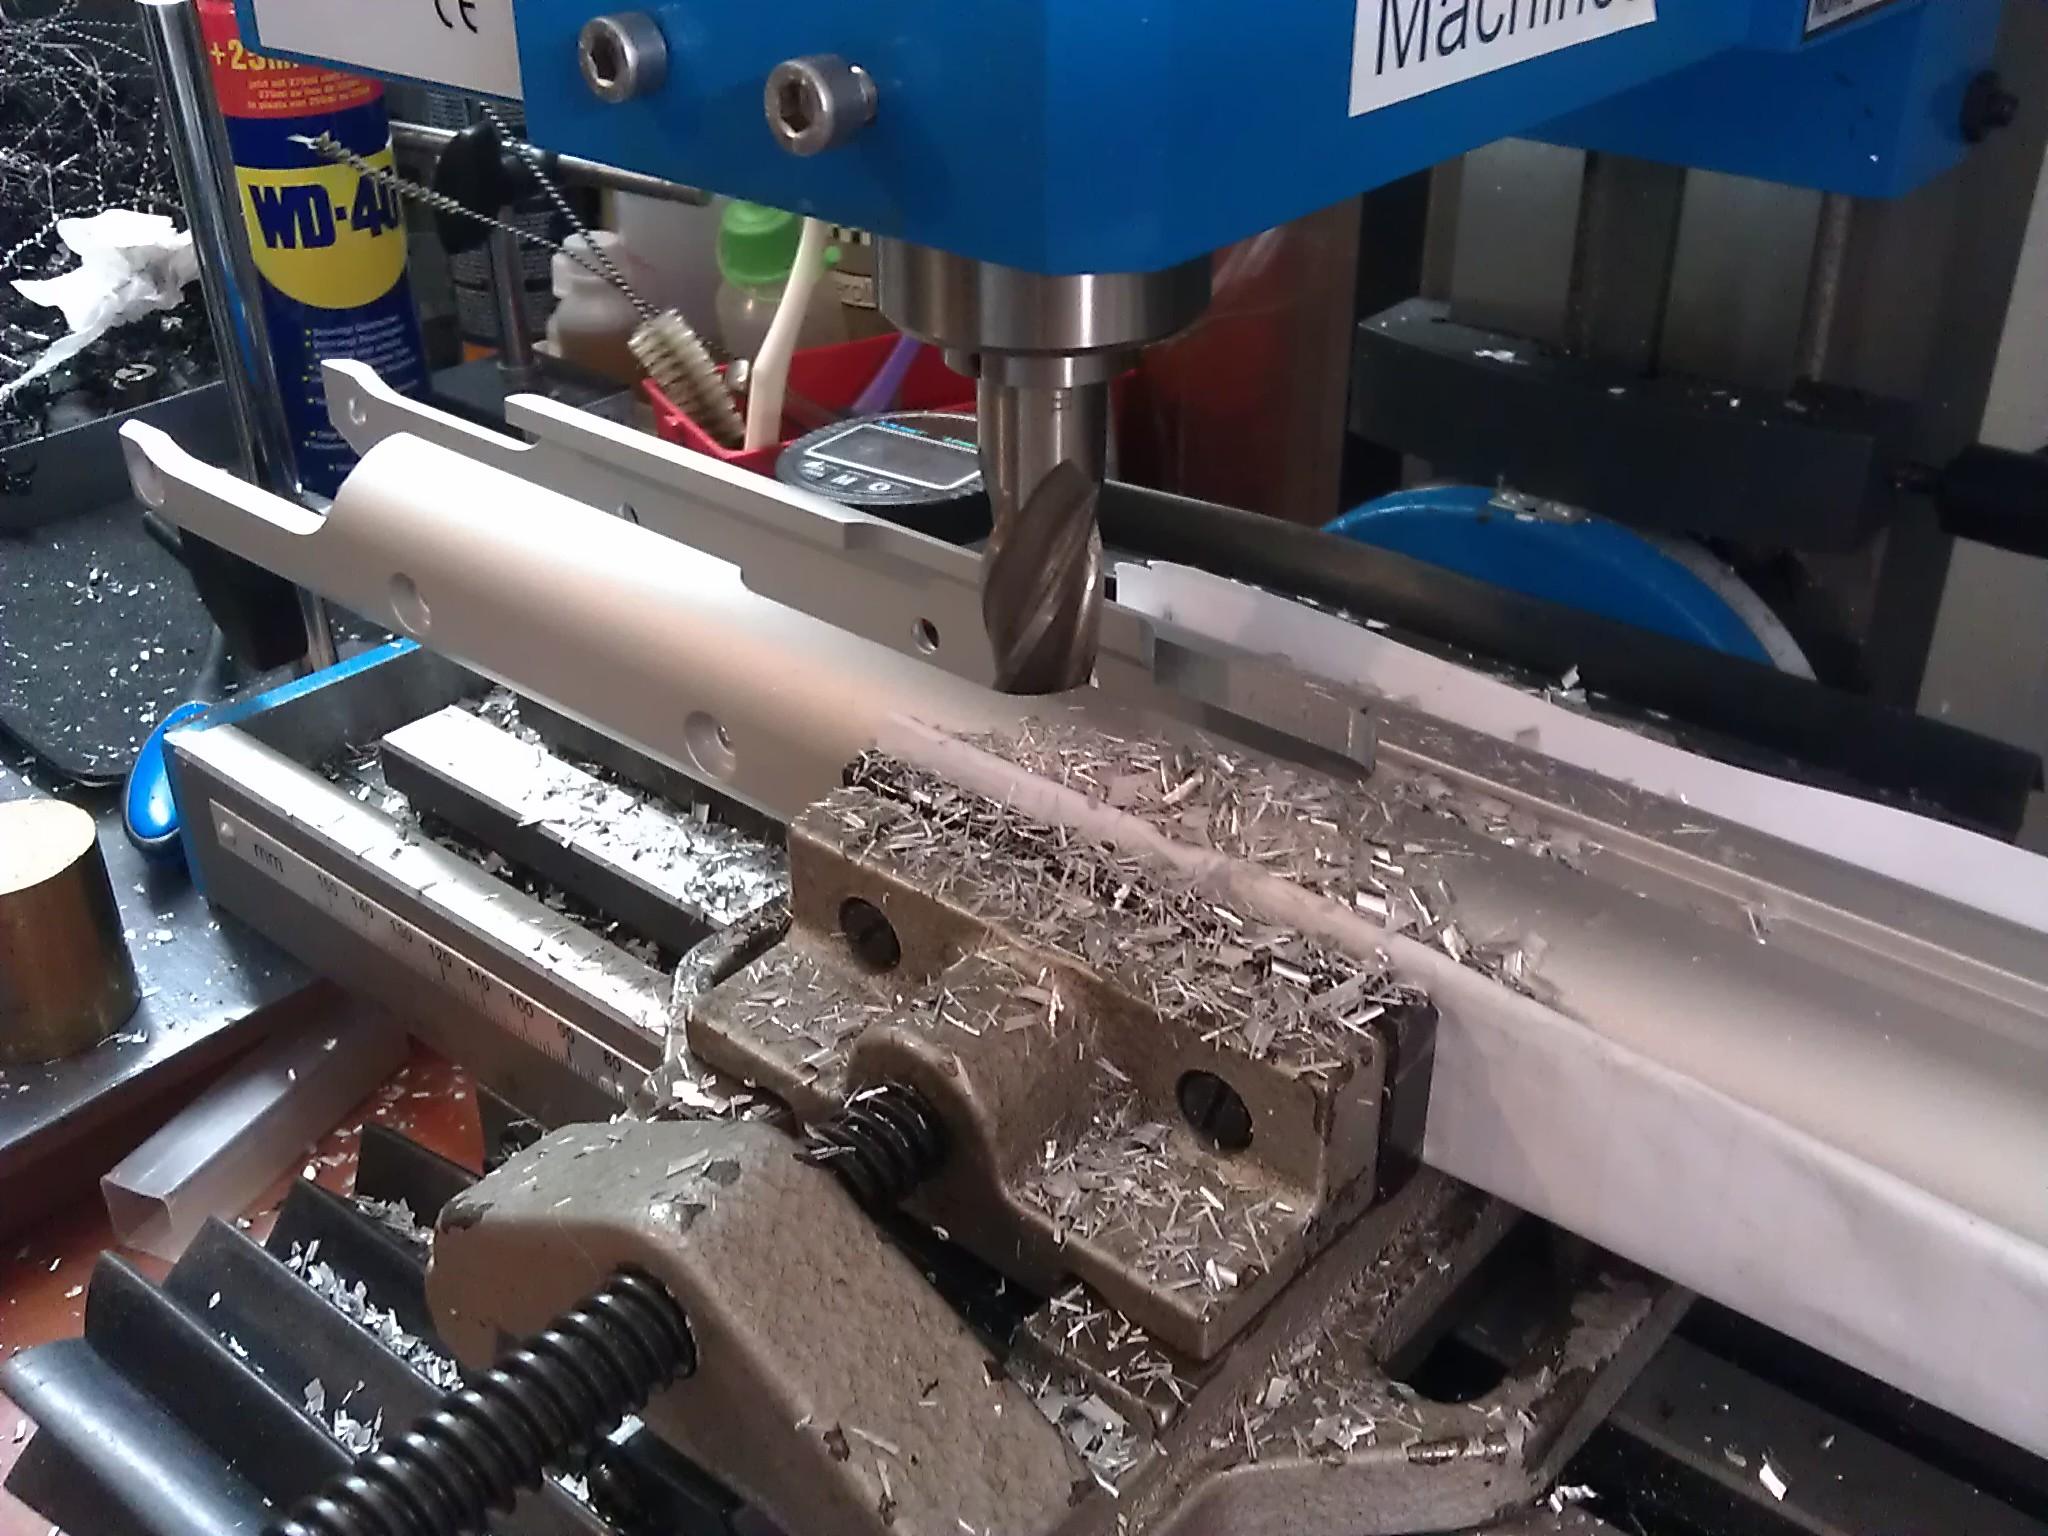 Feinwerkbau P70 conversion to 16 Joule / 12 fpe for Field